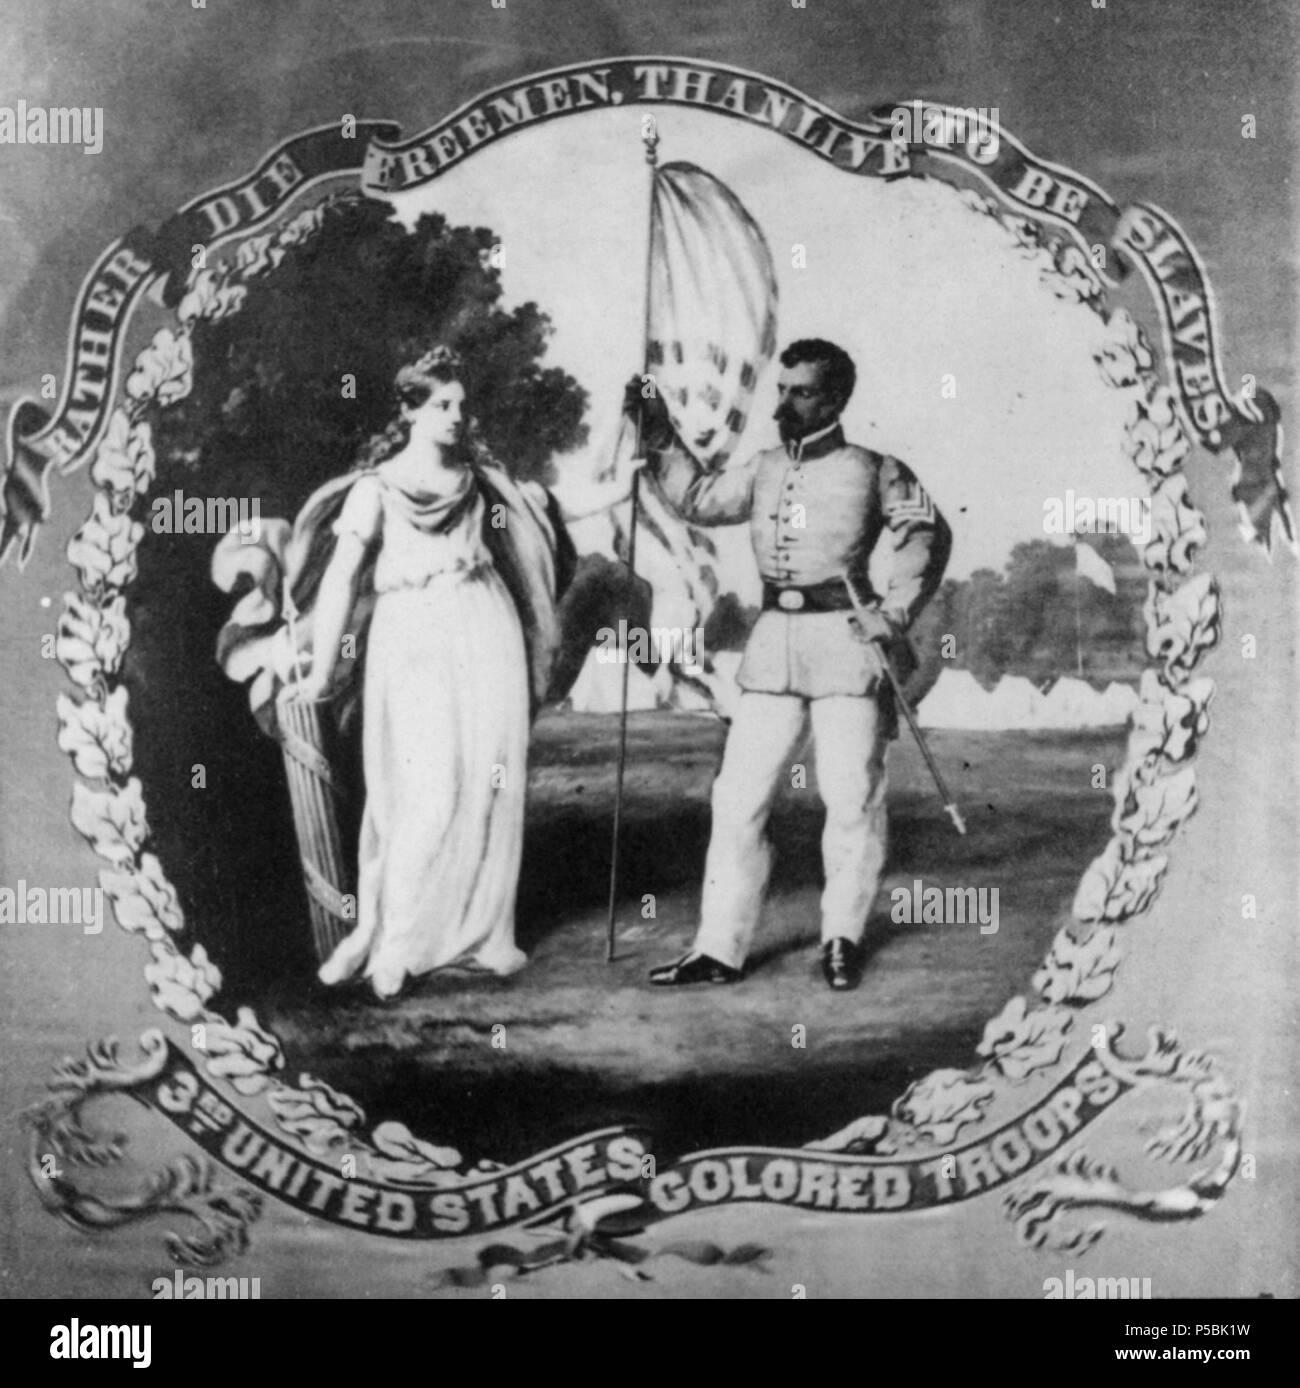 N A Englisch Bibliothek Des Kongresses Metadaten Titel Lieber Sterben Als Leben Zu Ehrenburgern Sklaven Sein